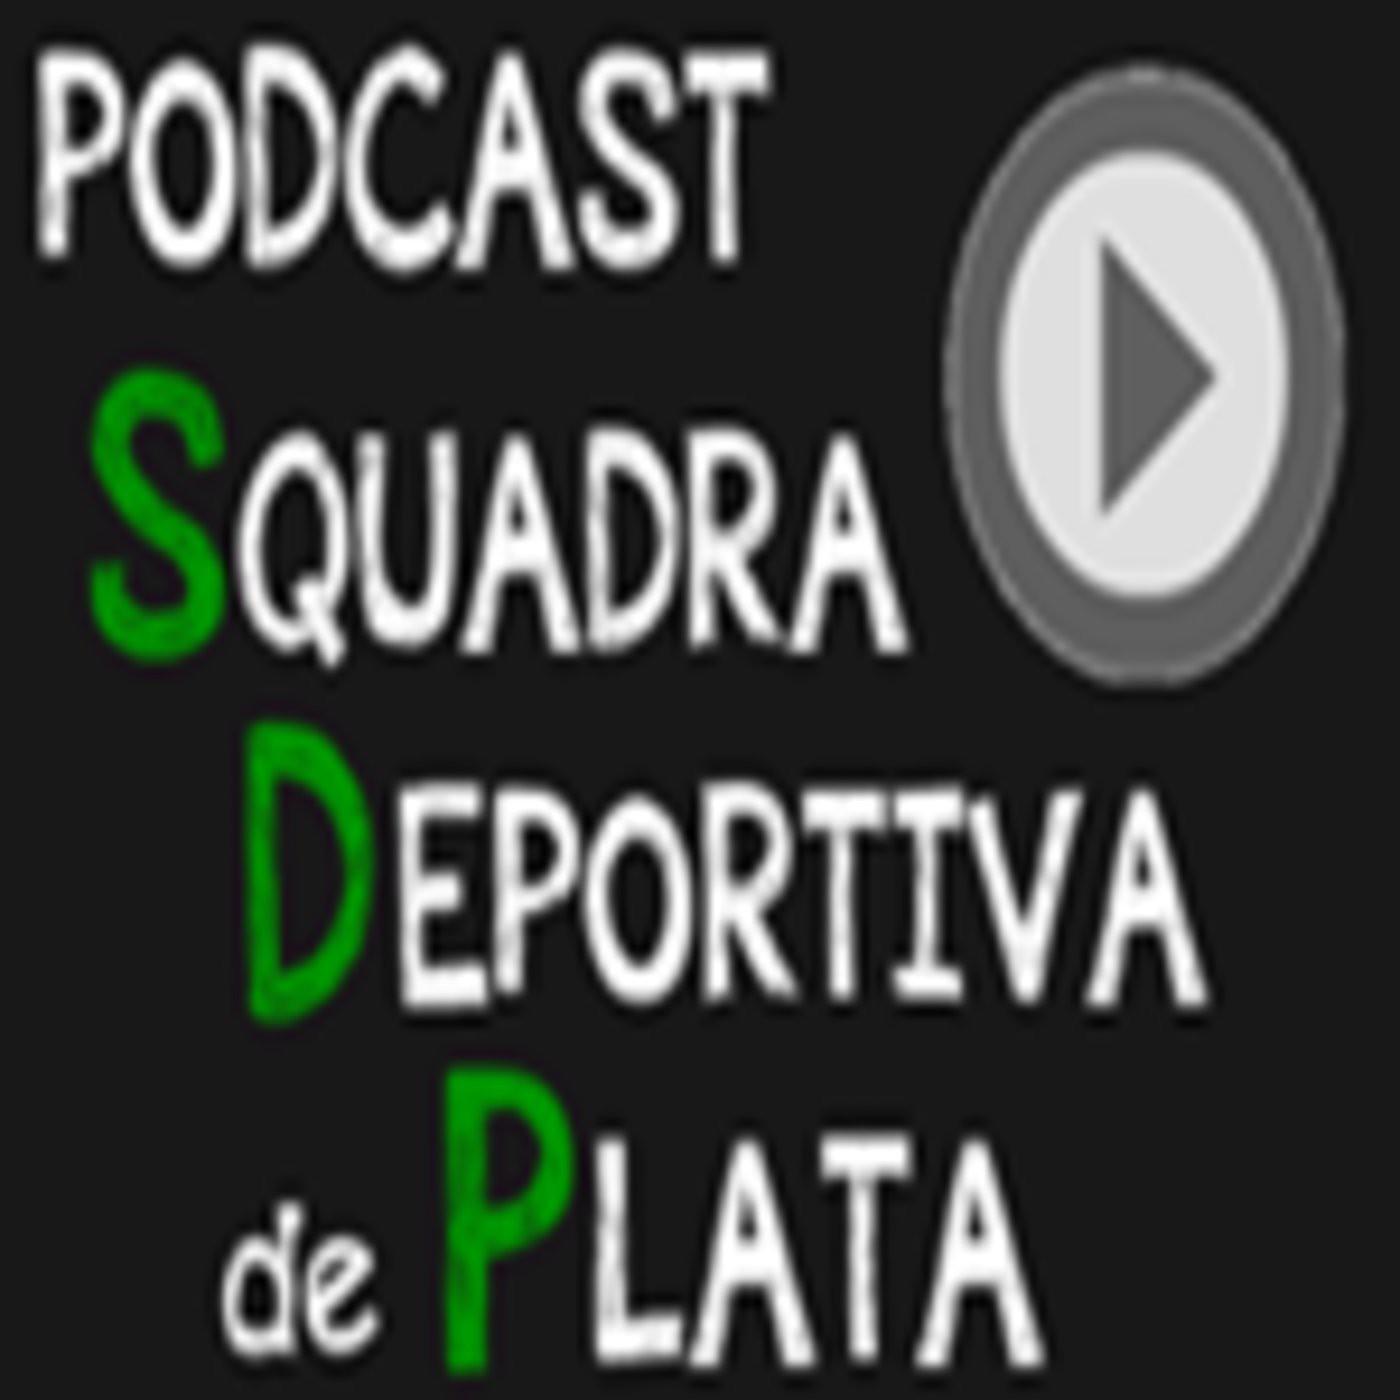 <![CDATA[Podcast de Squadra de Plata]]>